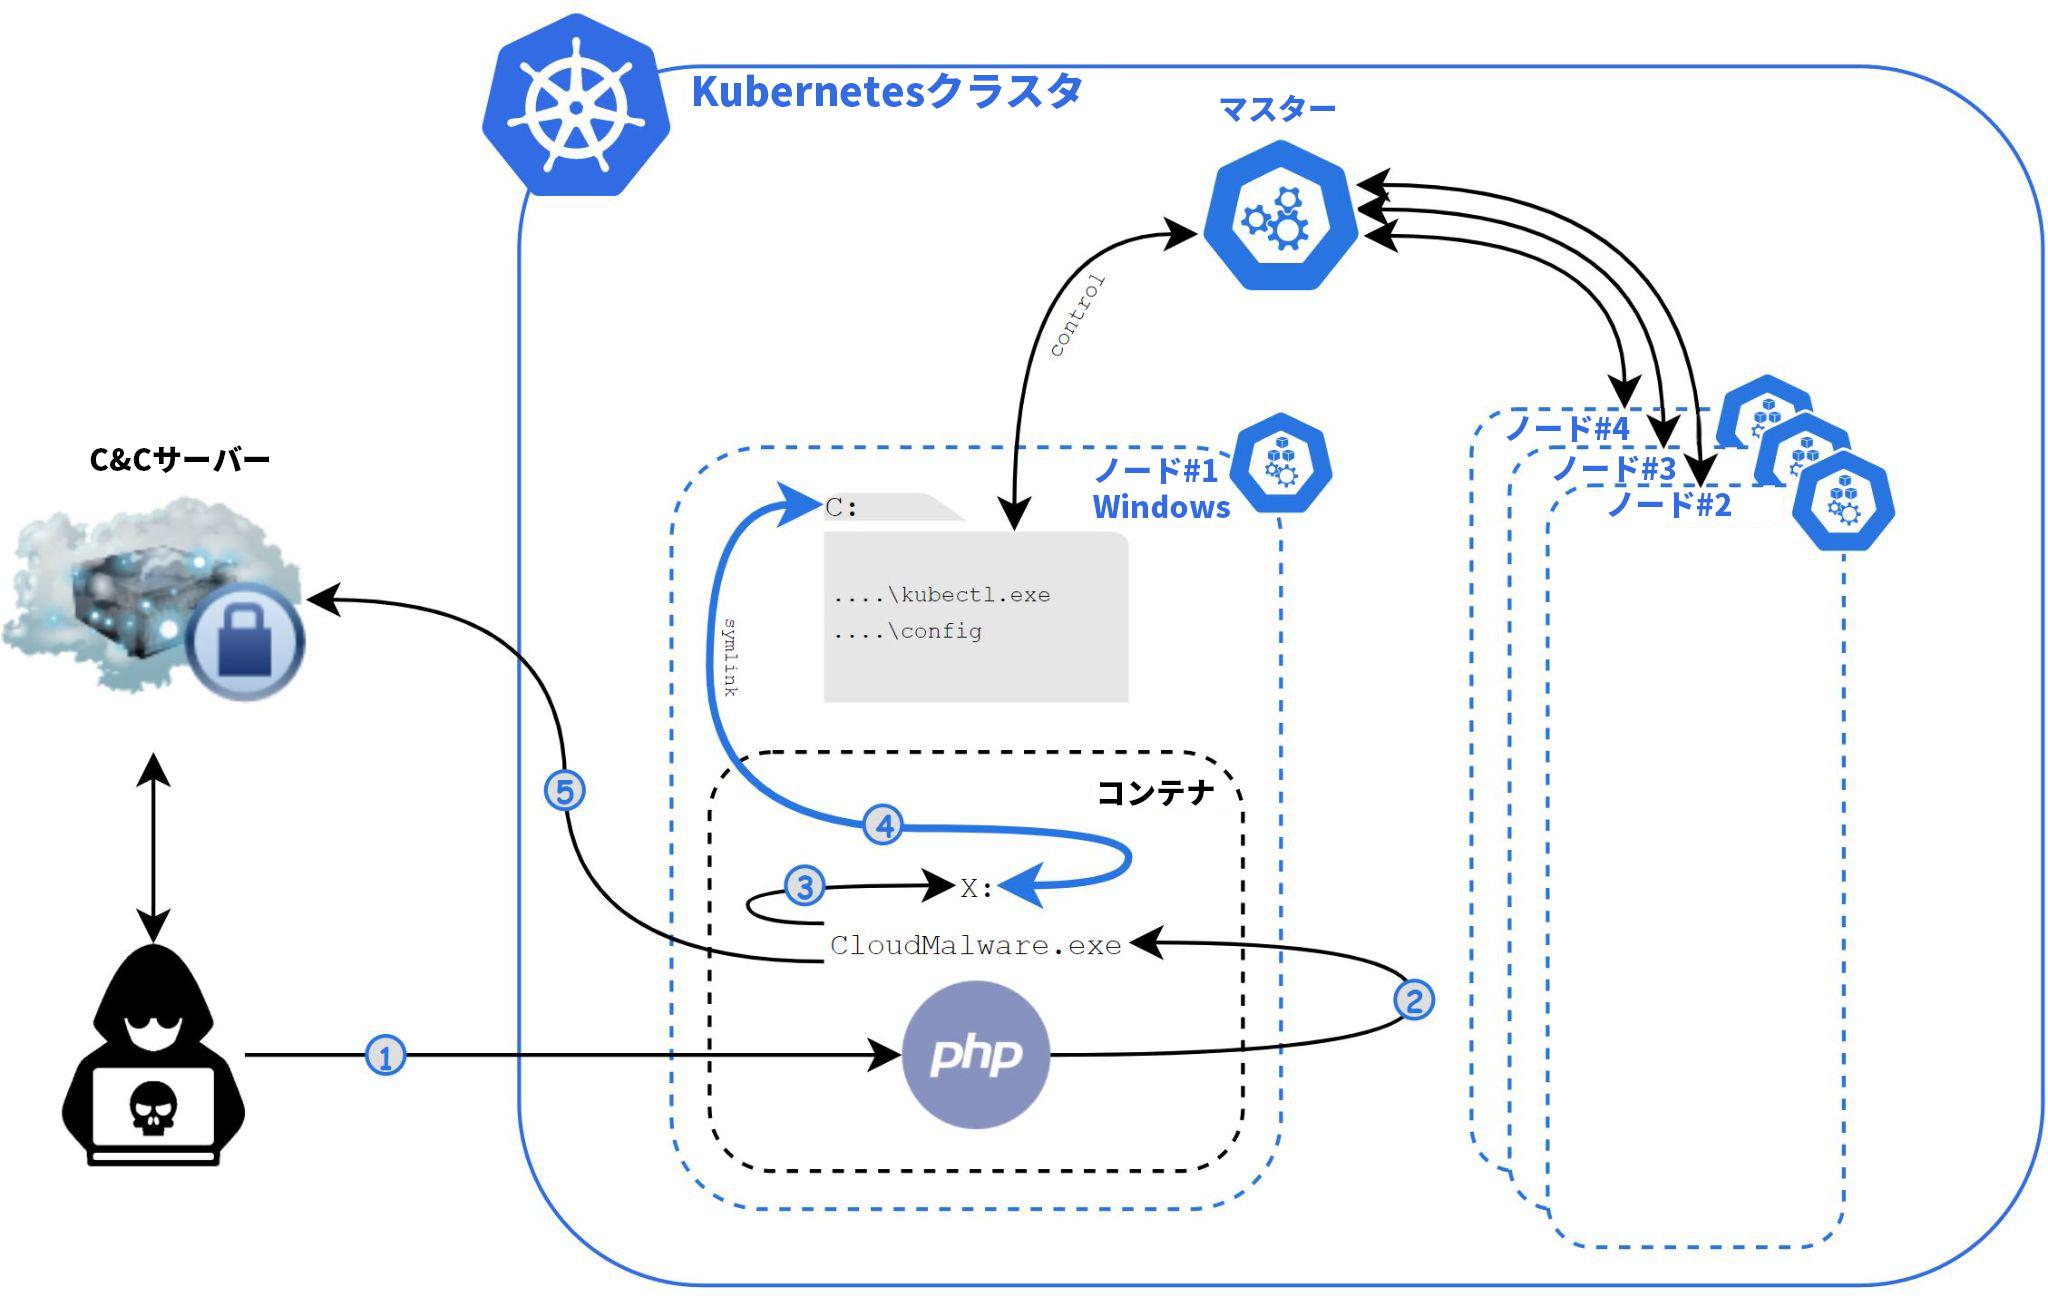 この図は、Siloscapeが設定ミスのあるKubernetesクラスタを通じて行う全体的な実行フロー(C2サーバーとの通信やその振る舞いなど)を示しています。